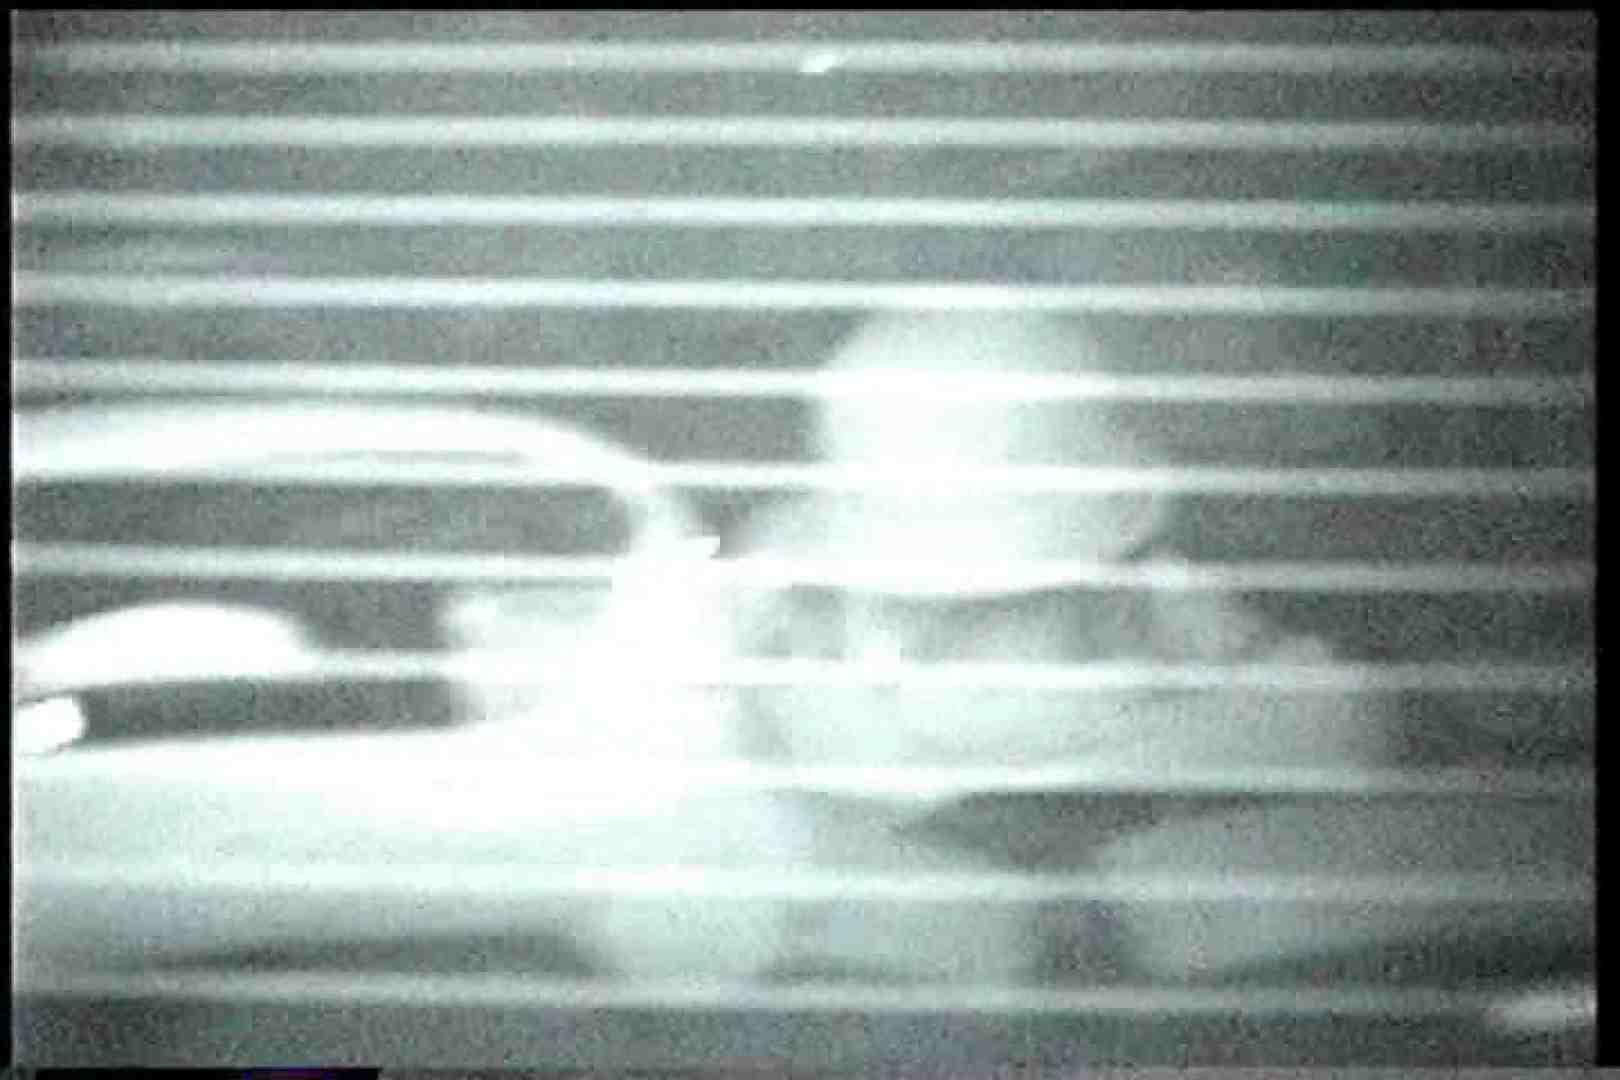 充血監督の深夜の運動会Vol.226 すけべなOL AV無料動画キャプチャ 80画像 66